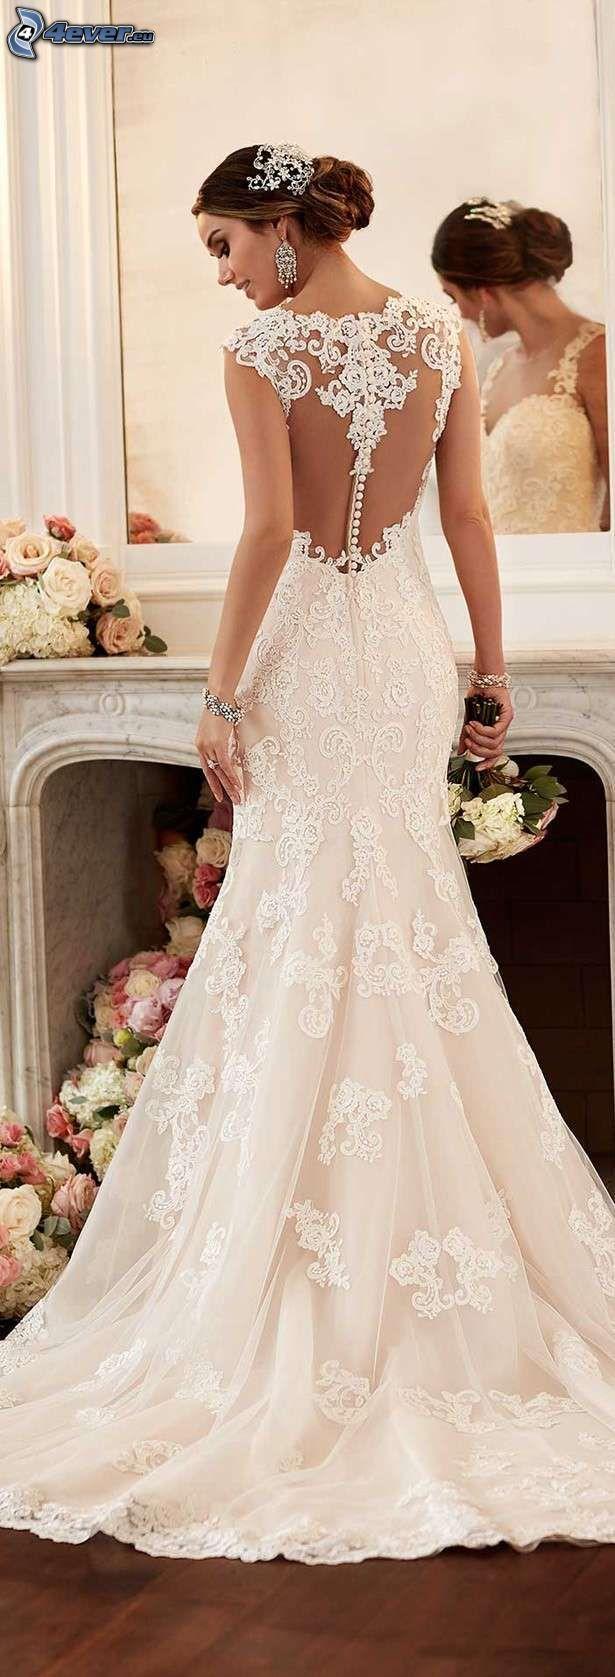 robes de mariée, mariée, bouquet de mariage